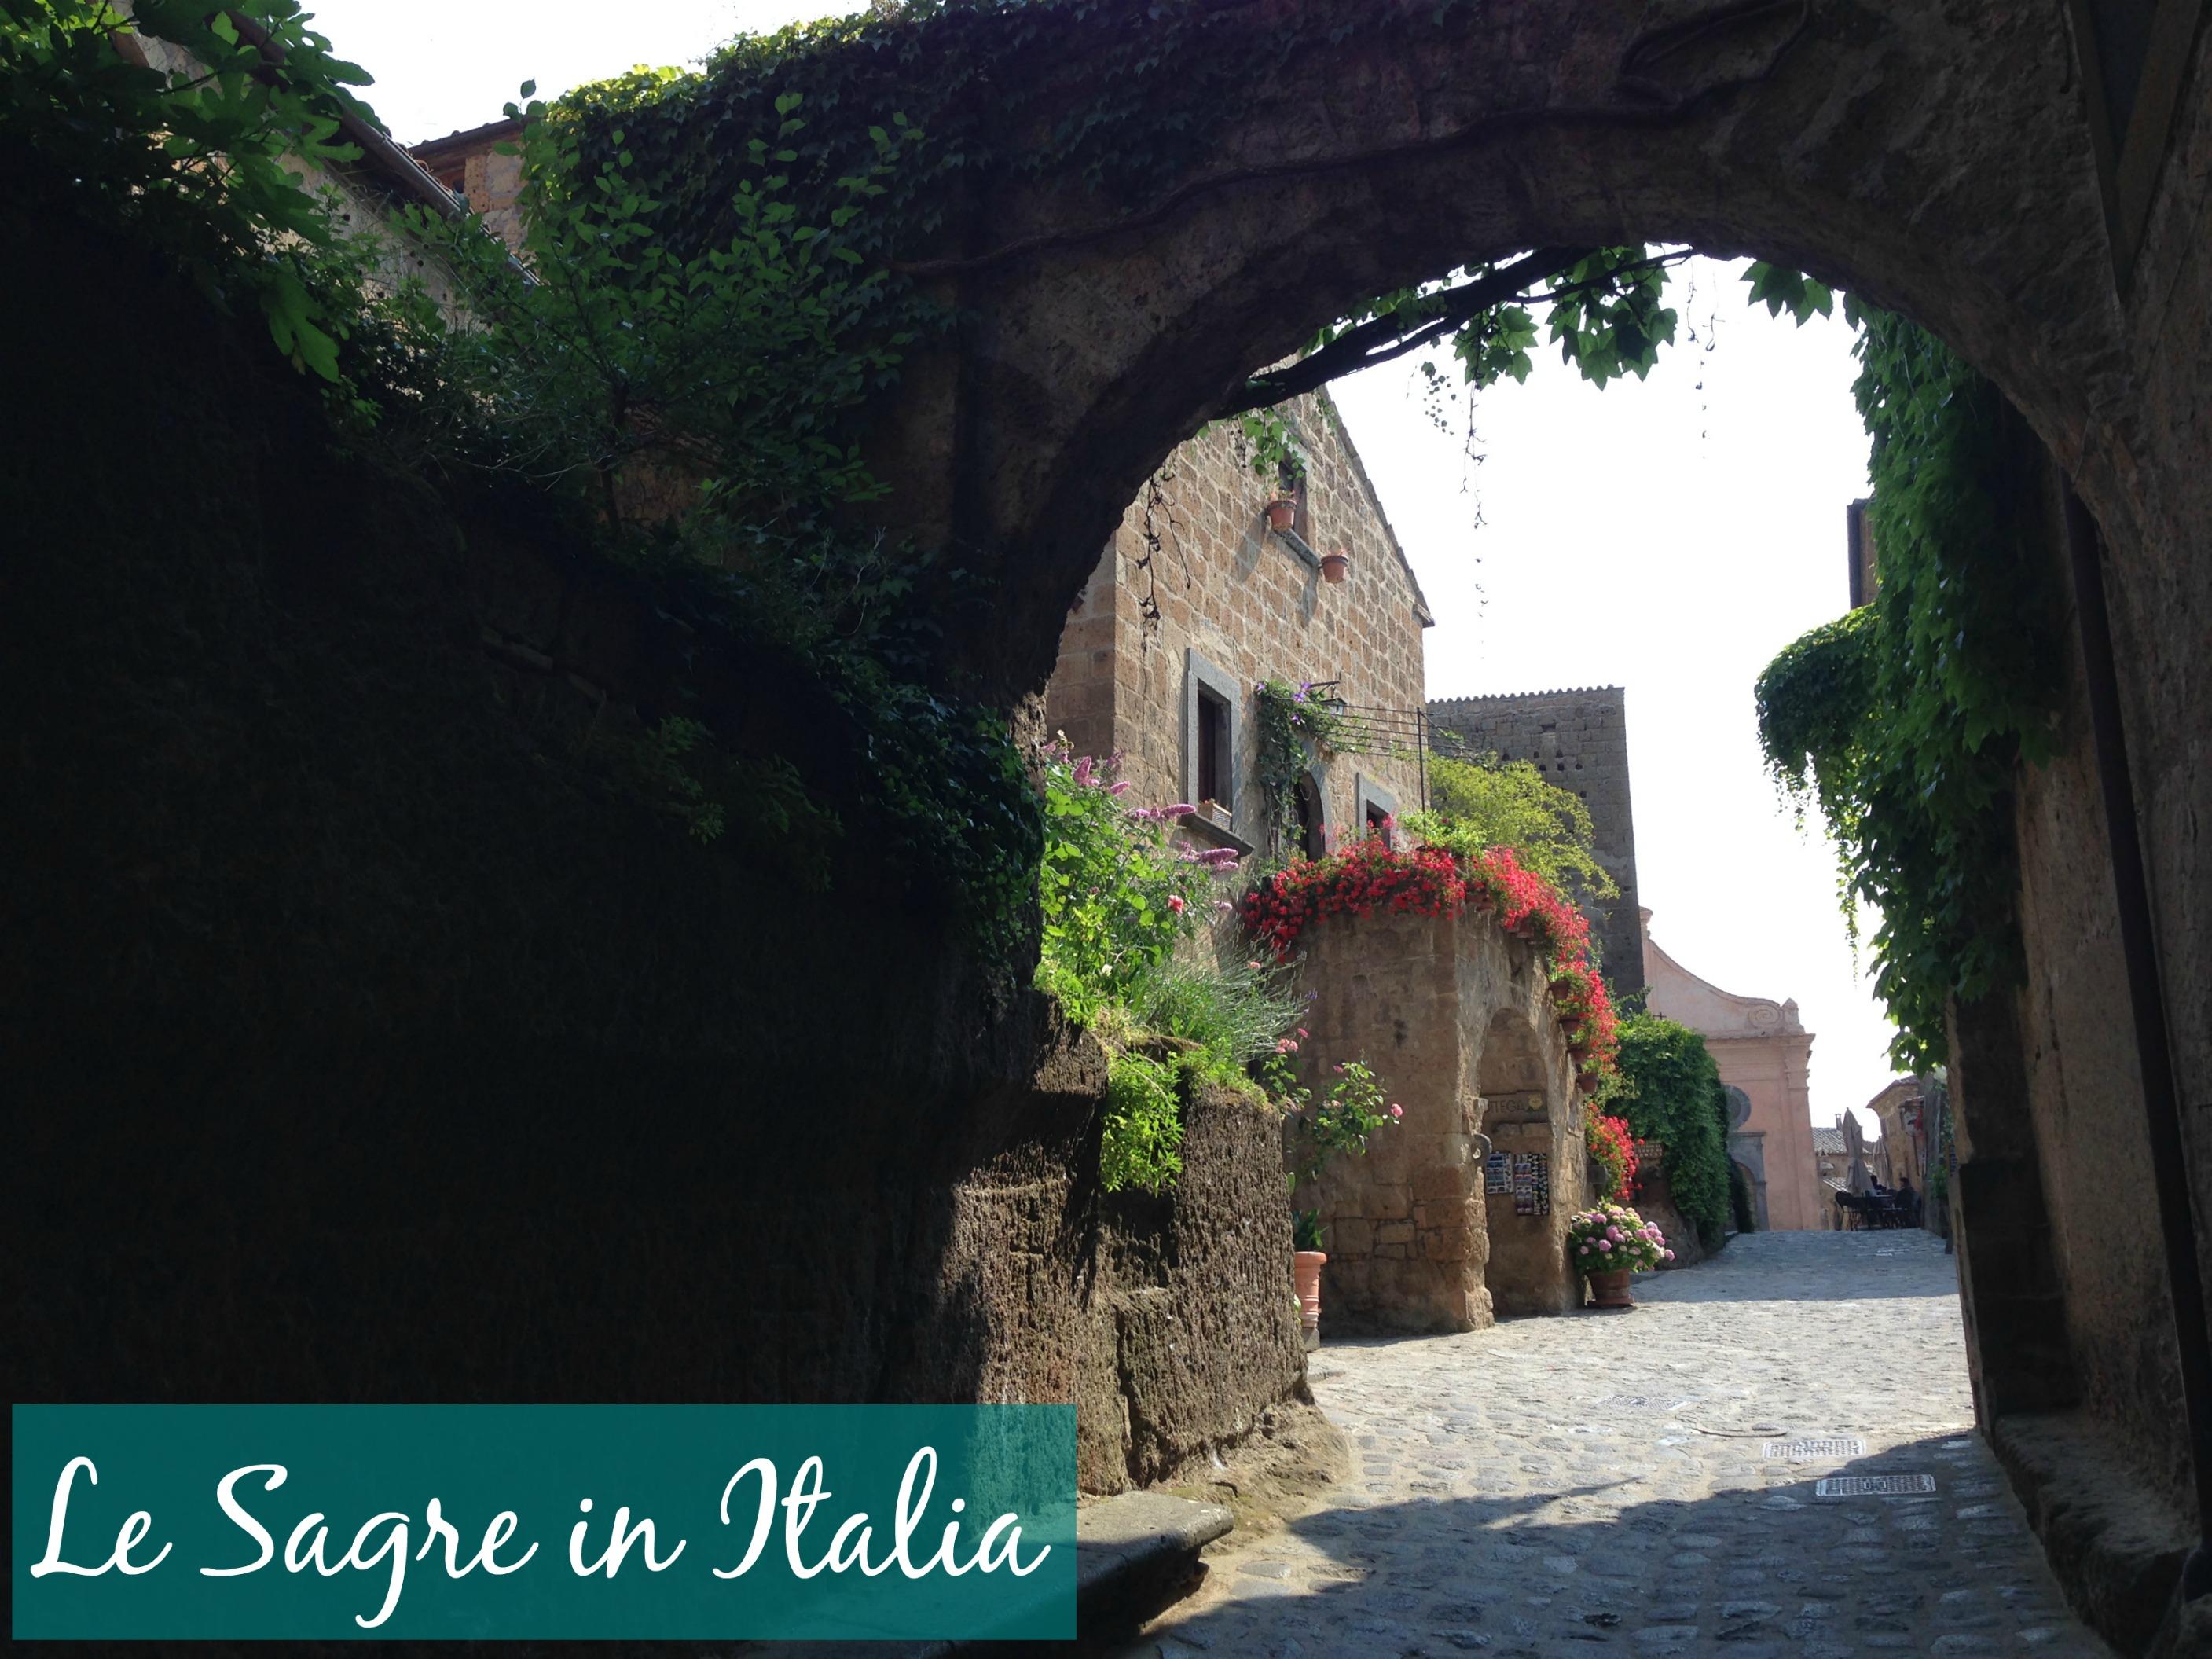 Le Sagre in Italia